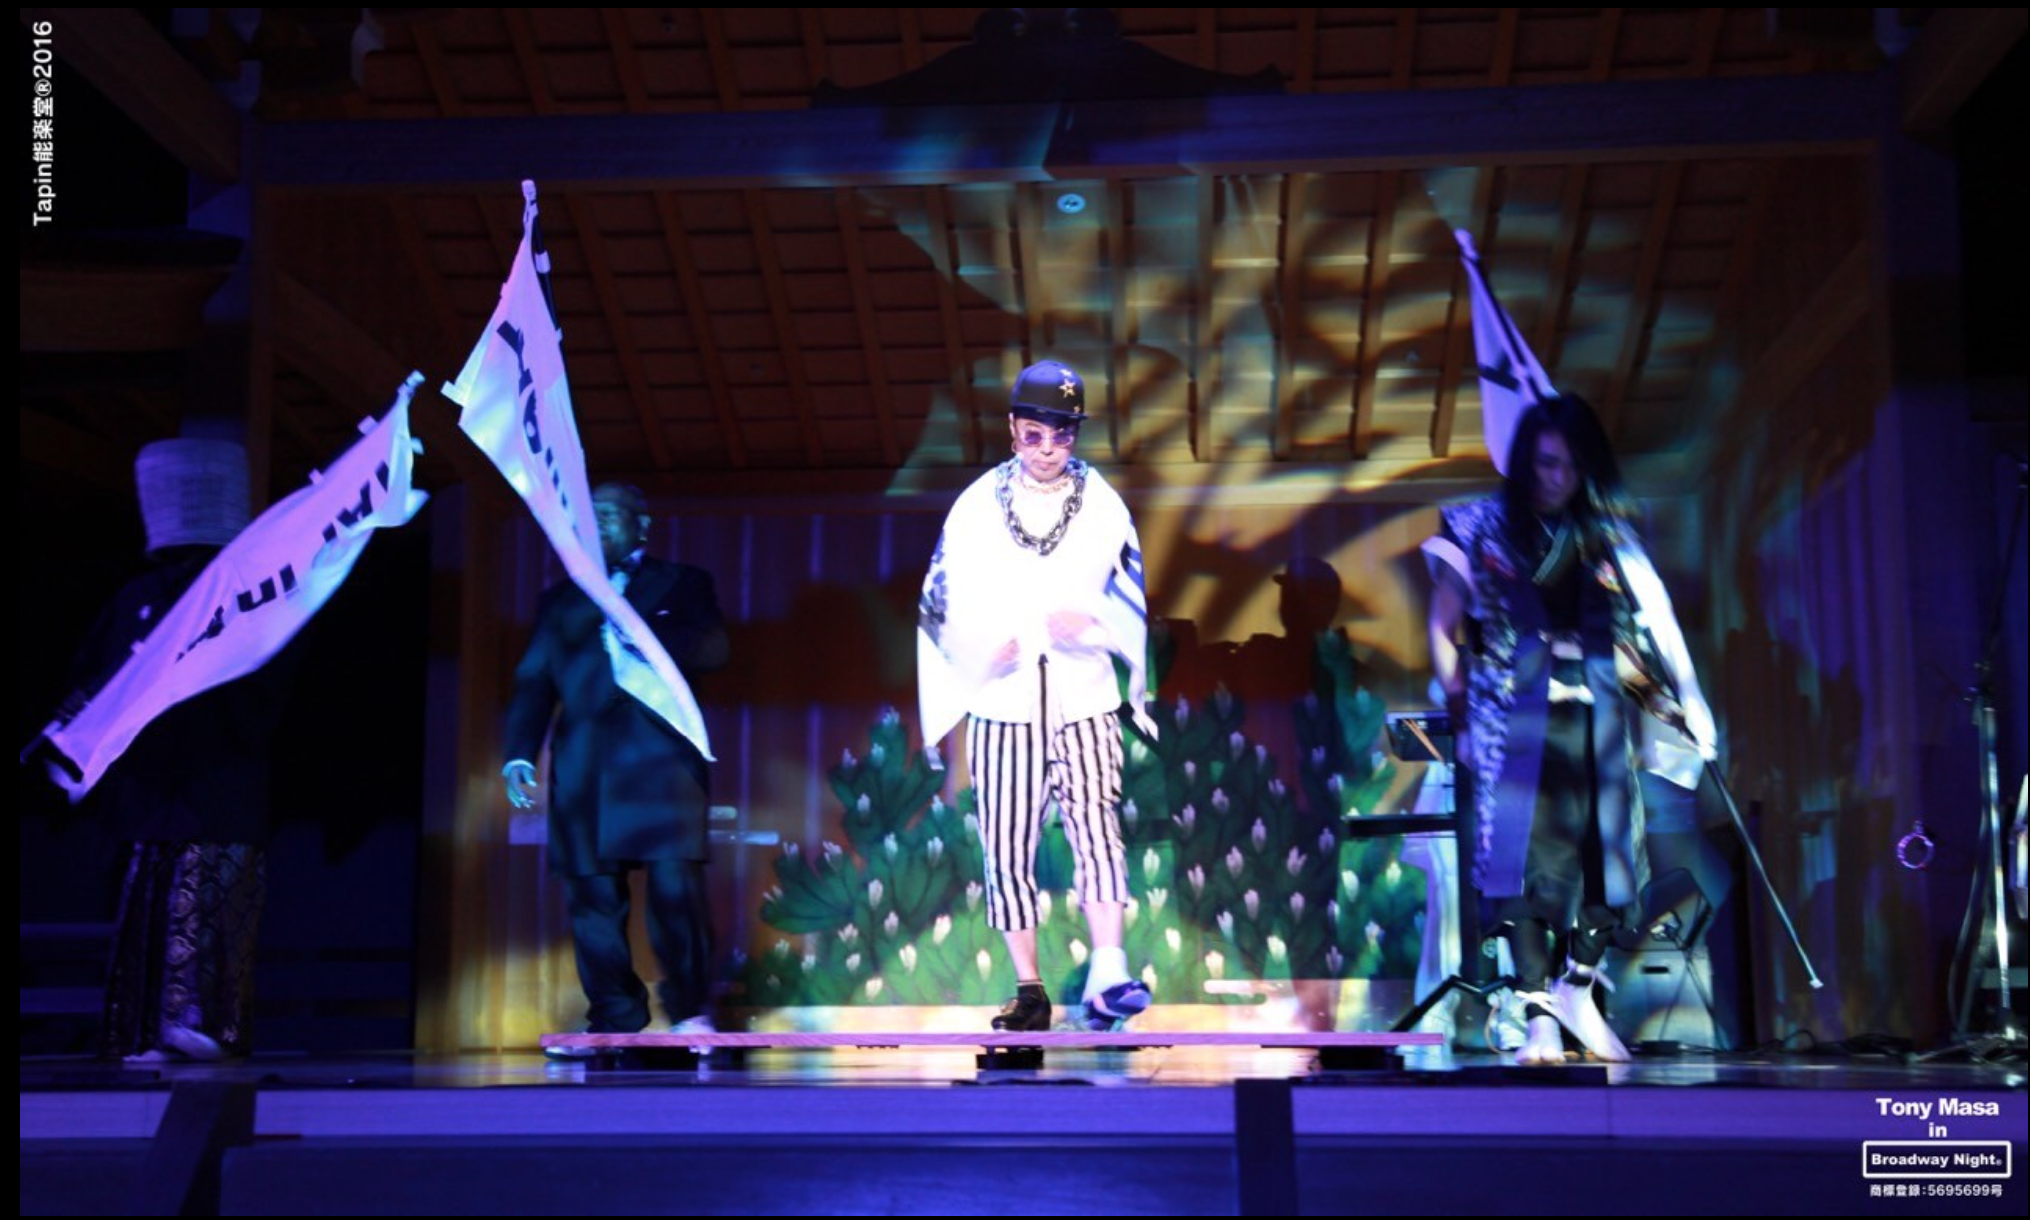 日本の伝統とTAPダンスの融合「Tap in 能楽堂 2018」9月22日公演!